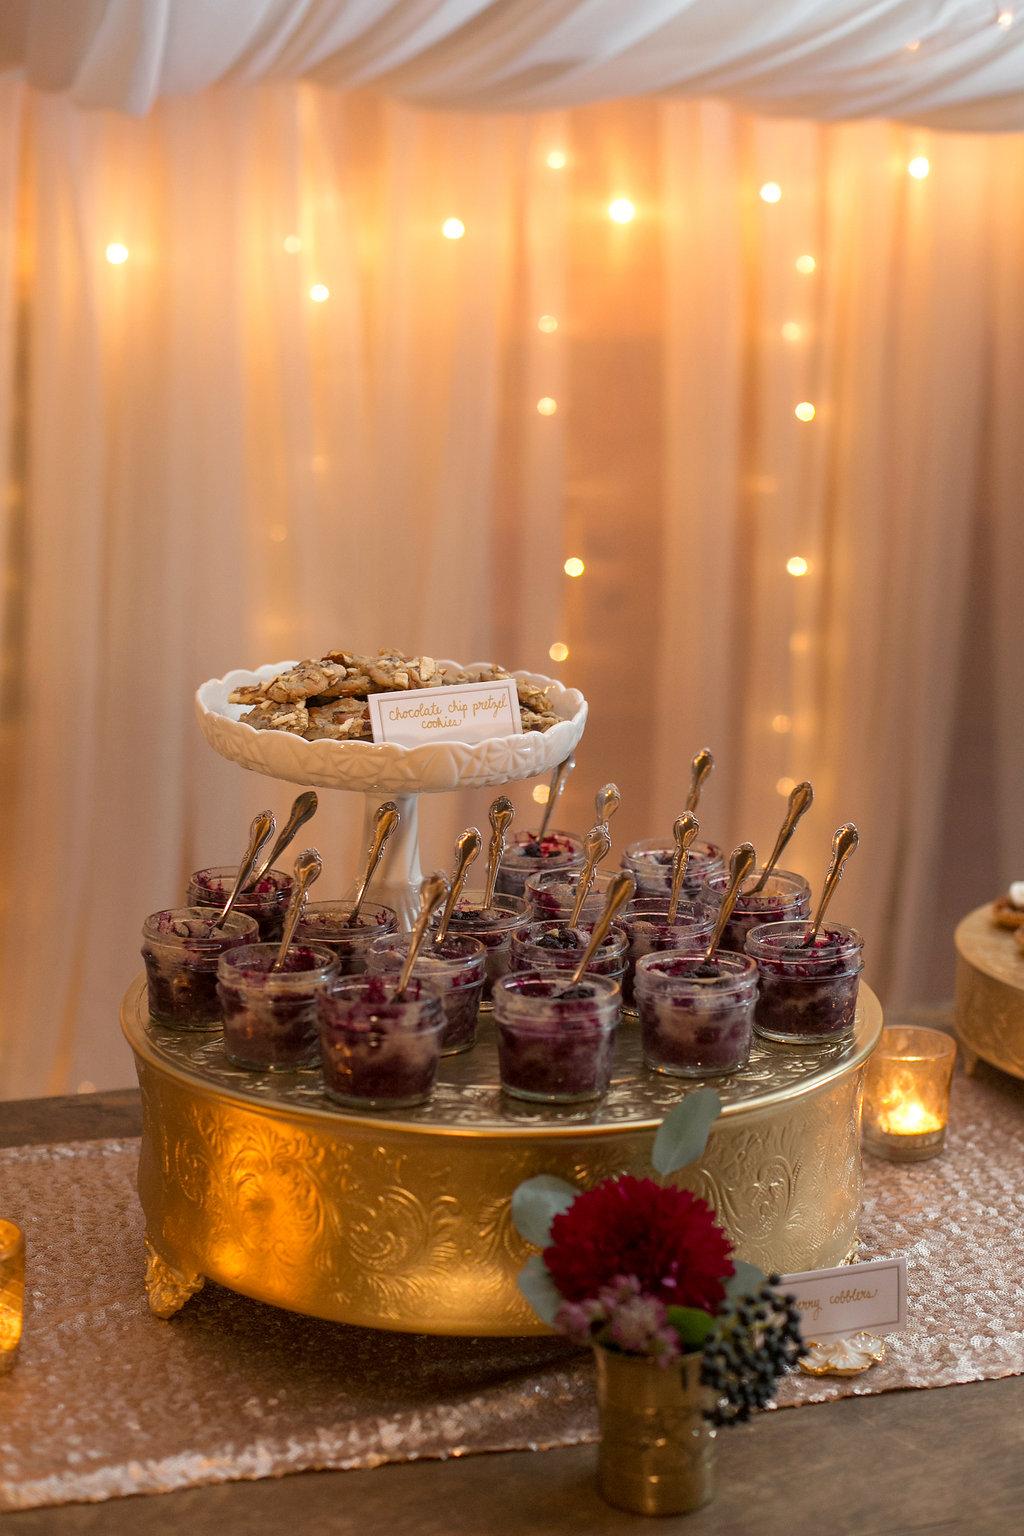 Gold and Burgundy Dessert Bar